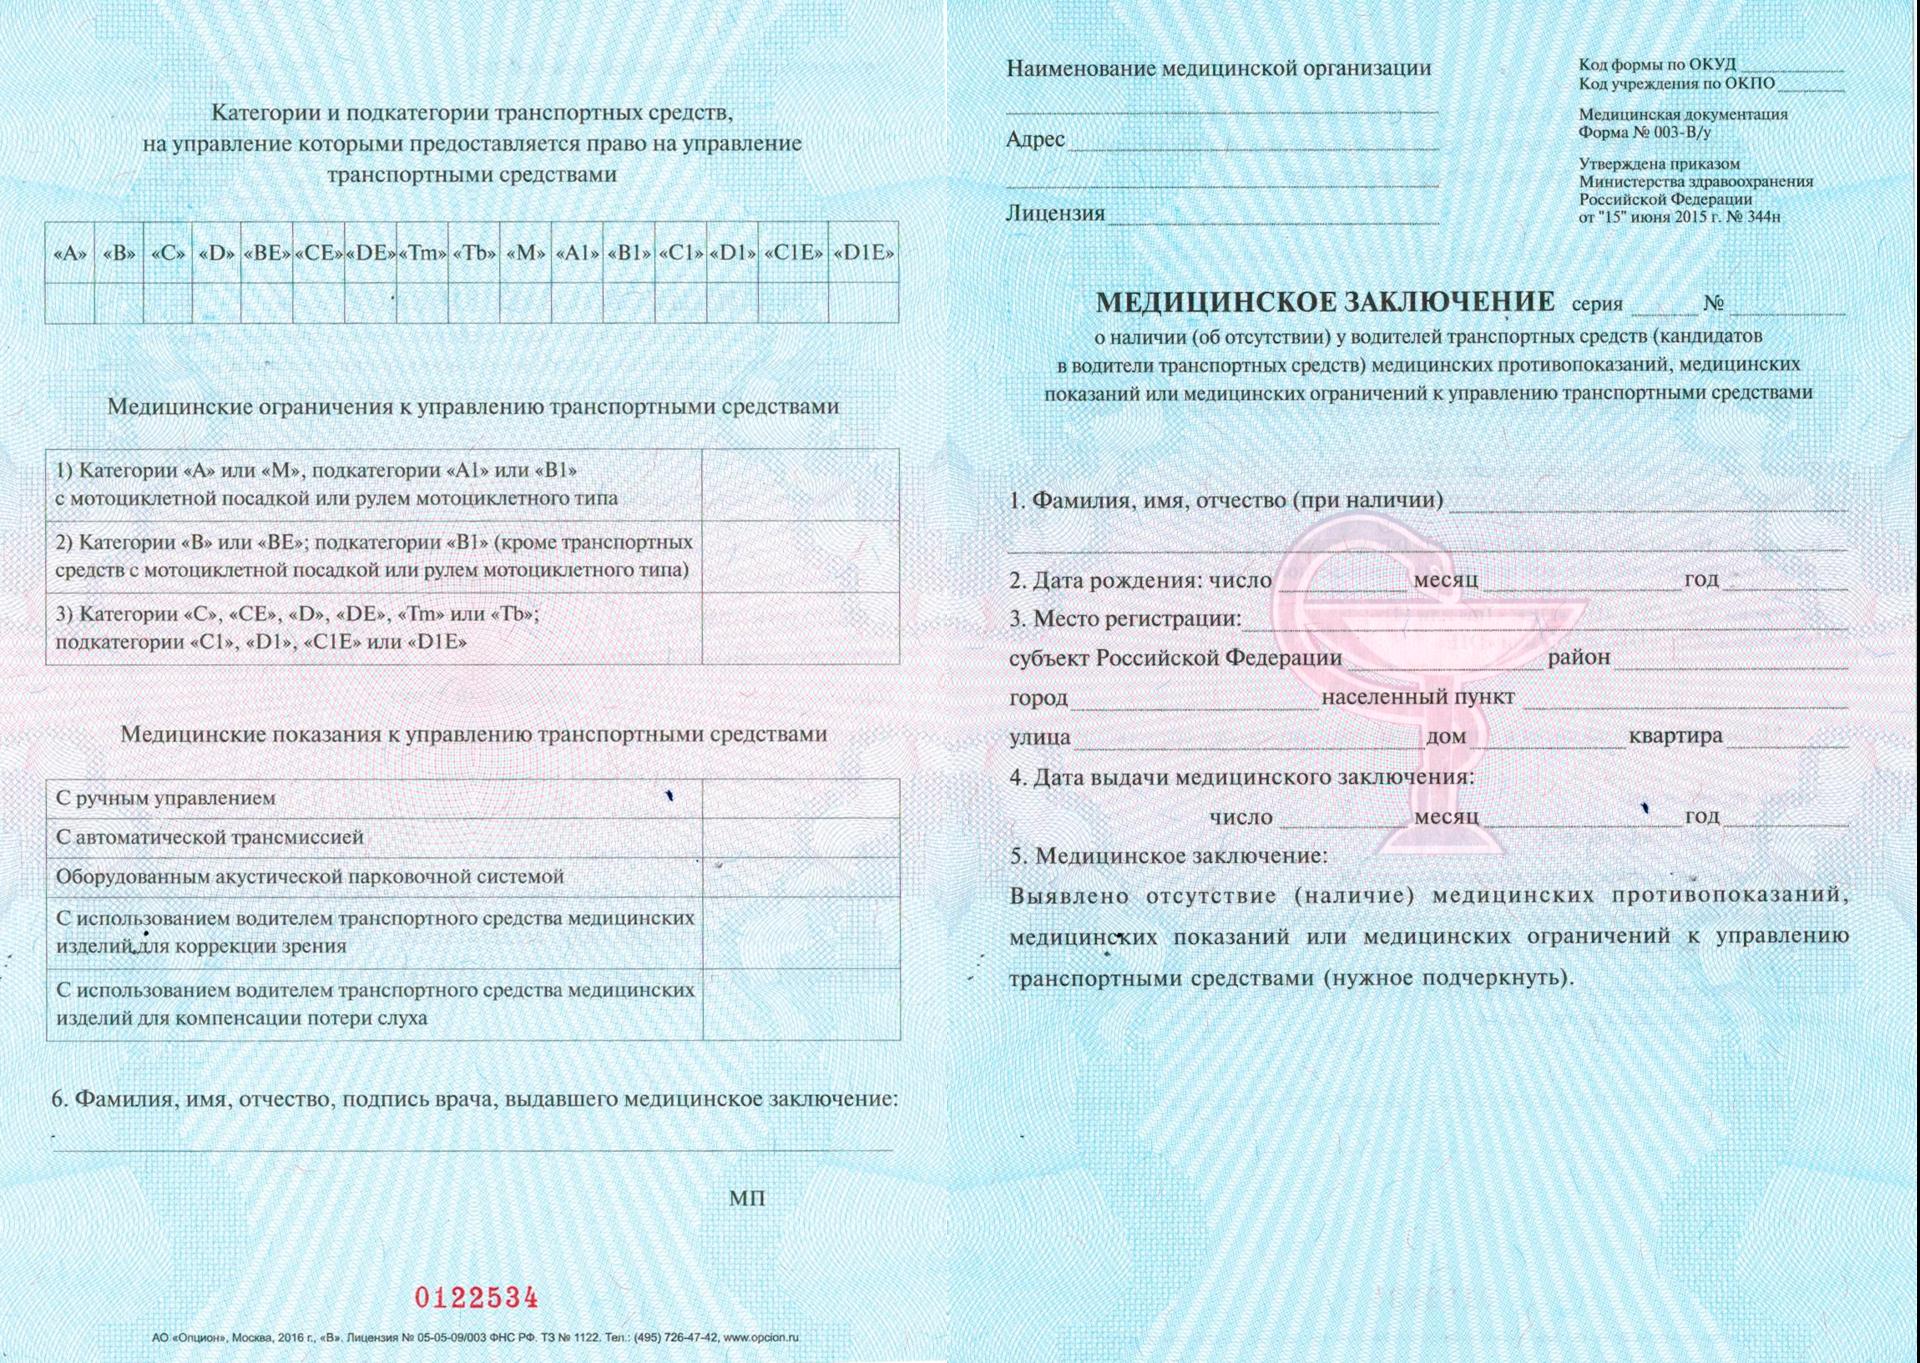 Справка в ГАИ 003 в у Октябрьская Медицинская справка для работы на высоте Новые Черемушки